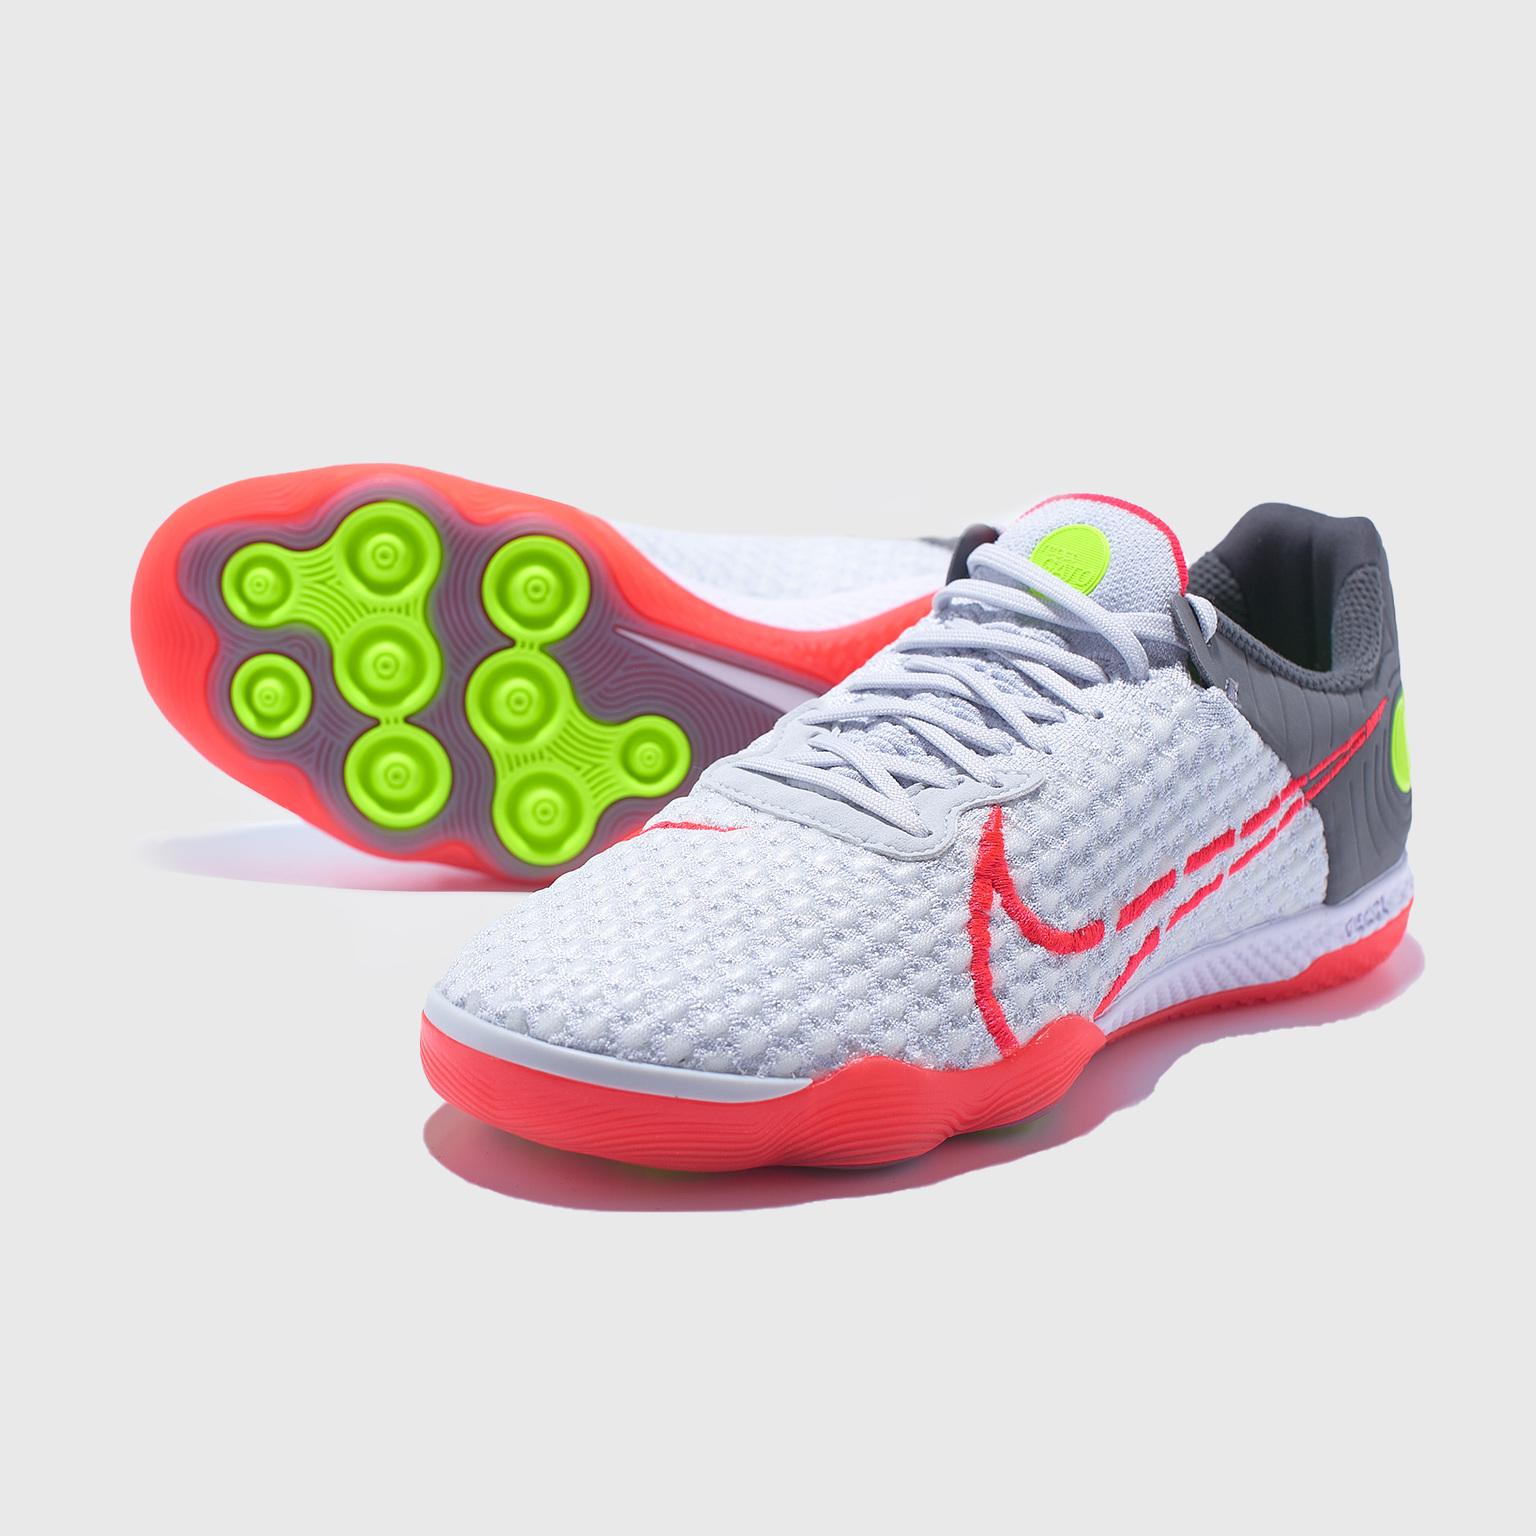 Футзалки Nike React Gato IC CT0550-160